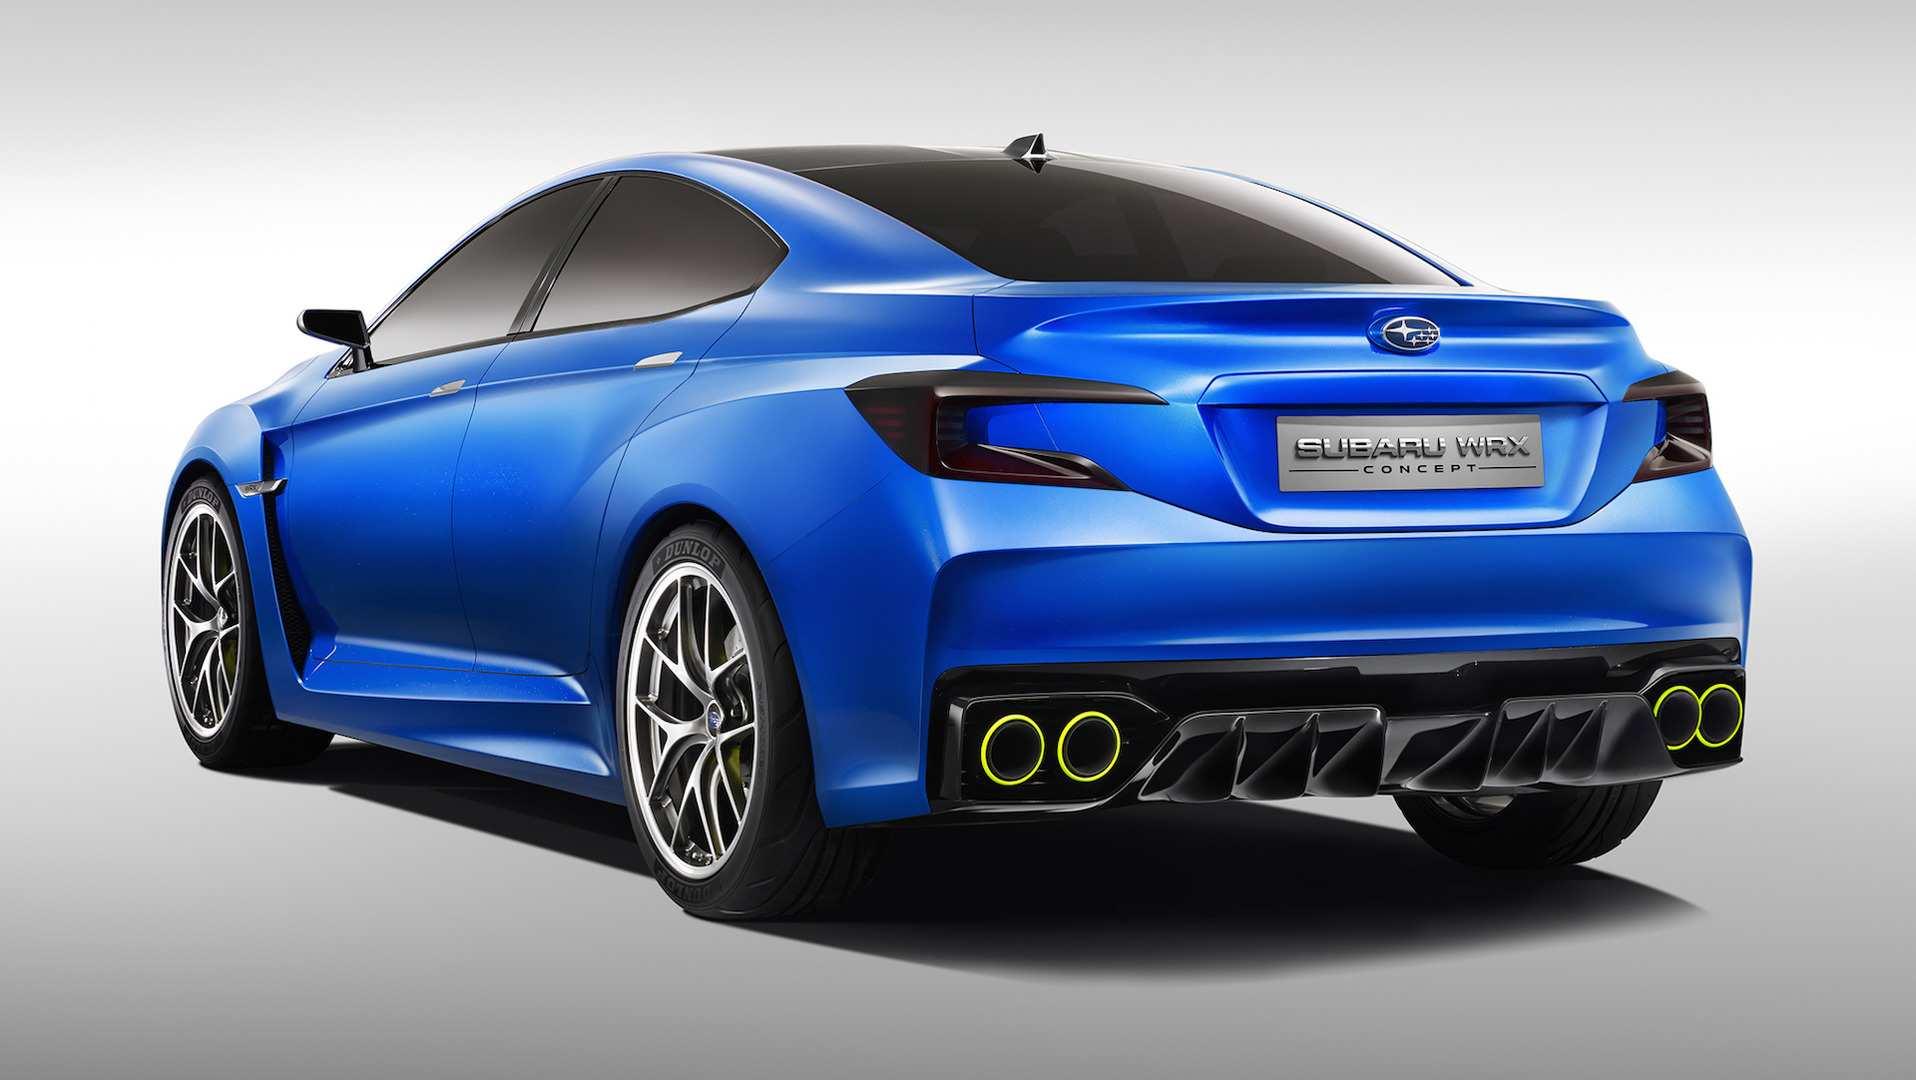 15 Best Review Subaru Wrx 2020 Exterior Pricing by Subaru Wrx 2020 Exterior